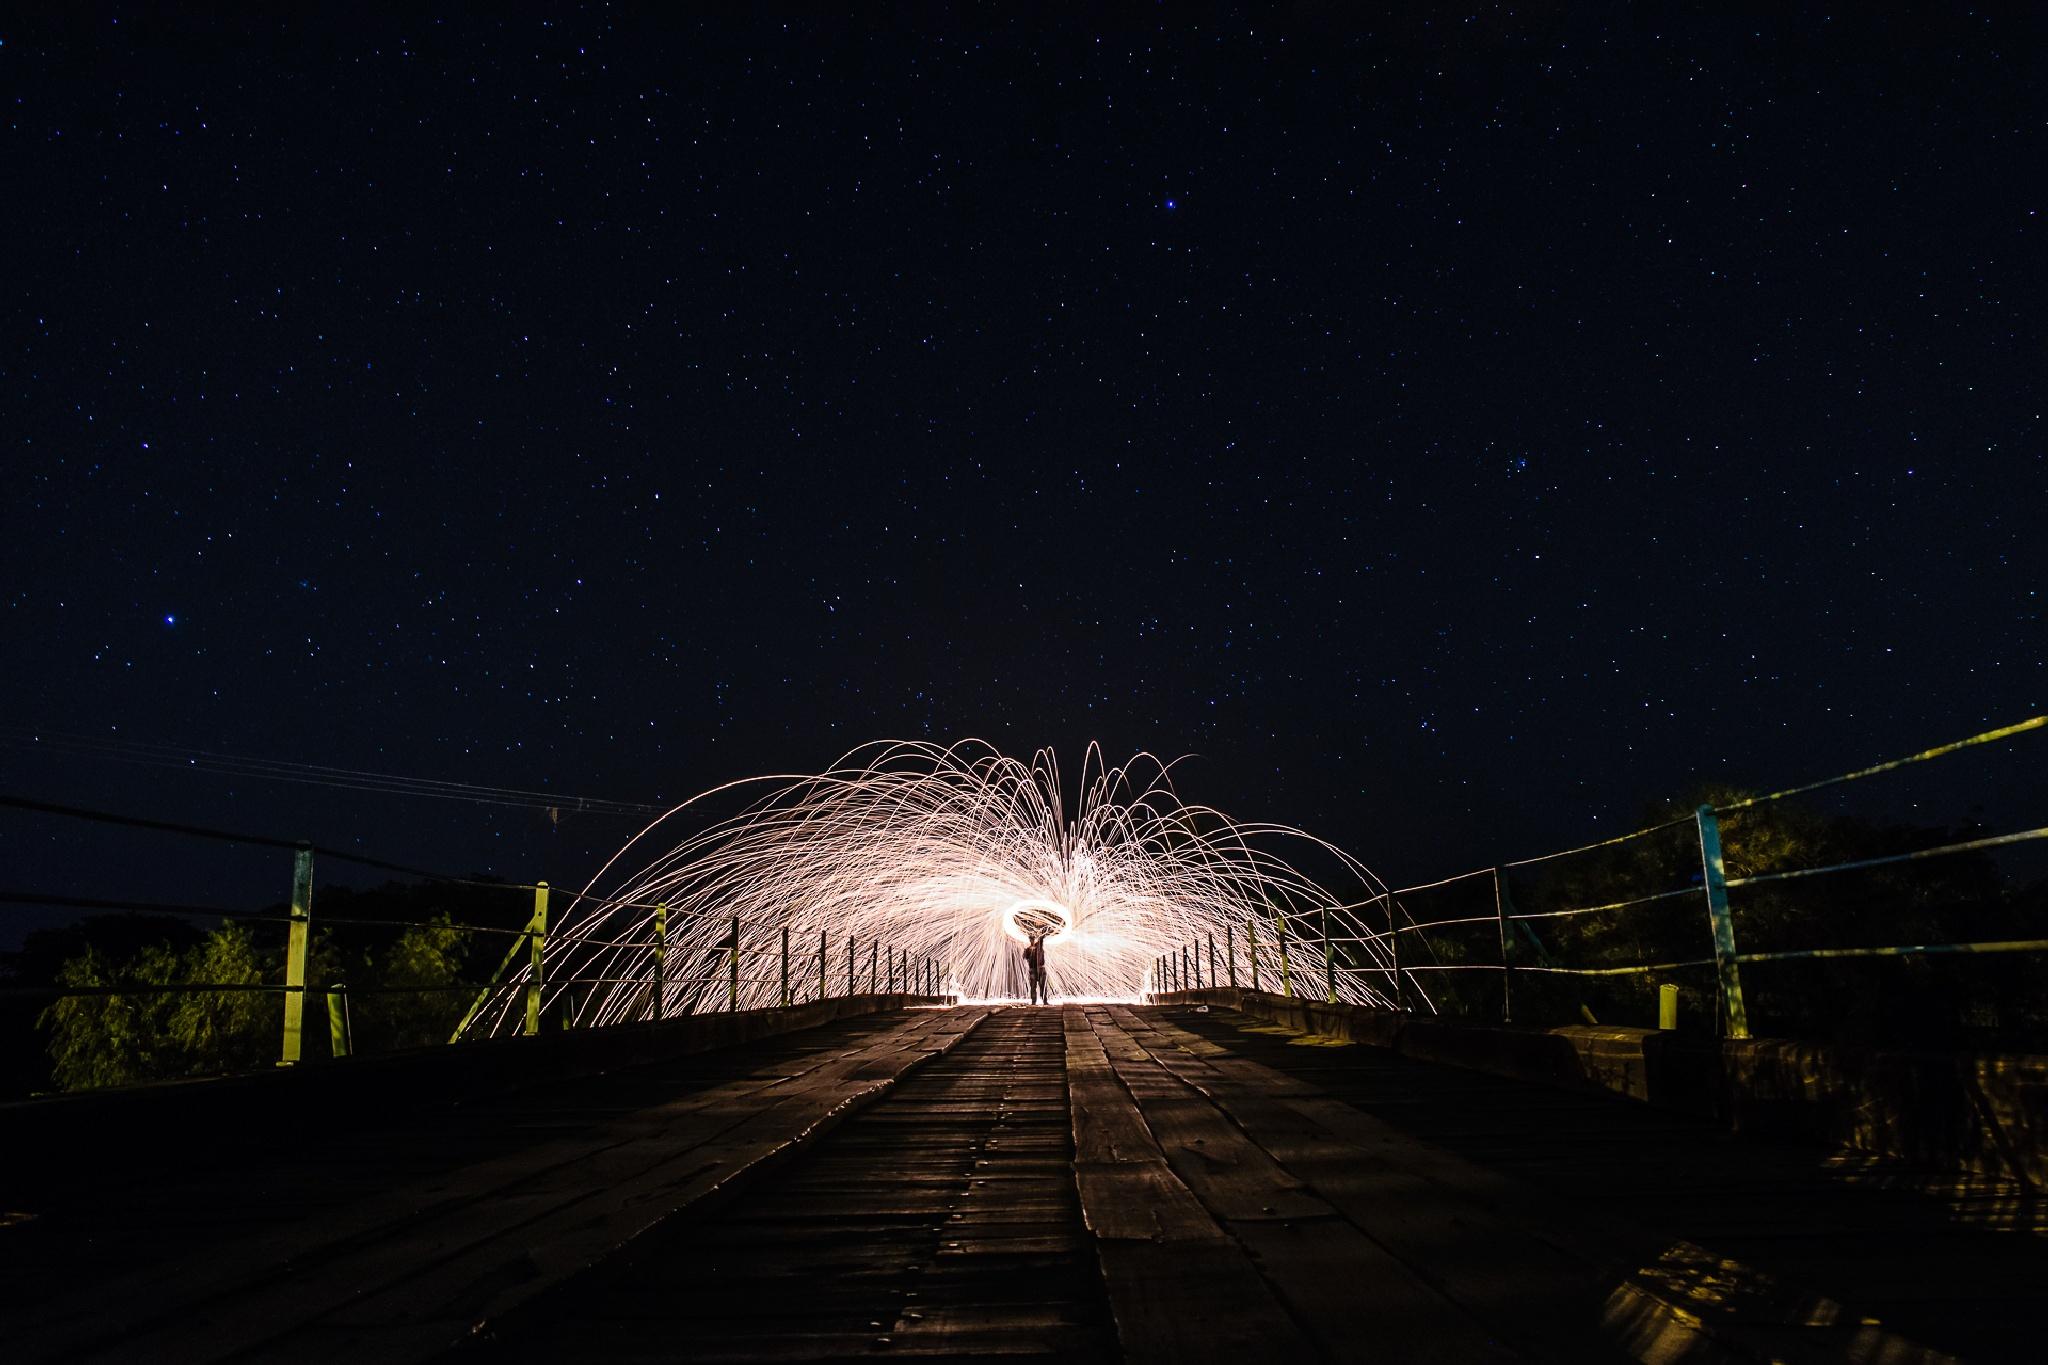 estela sobre el puente pexoa 1 by Sebastian Encina